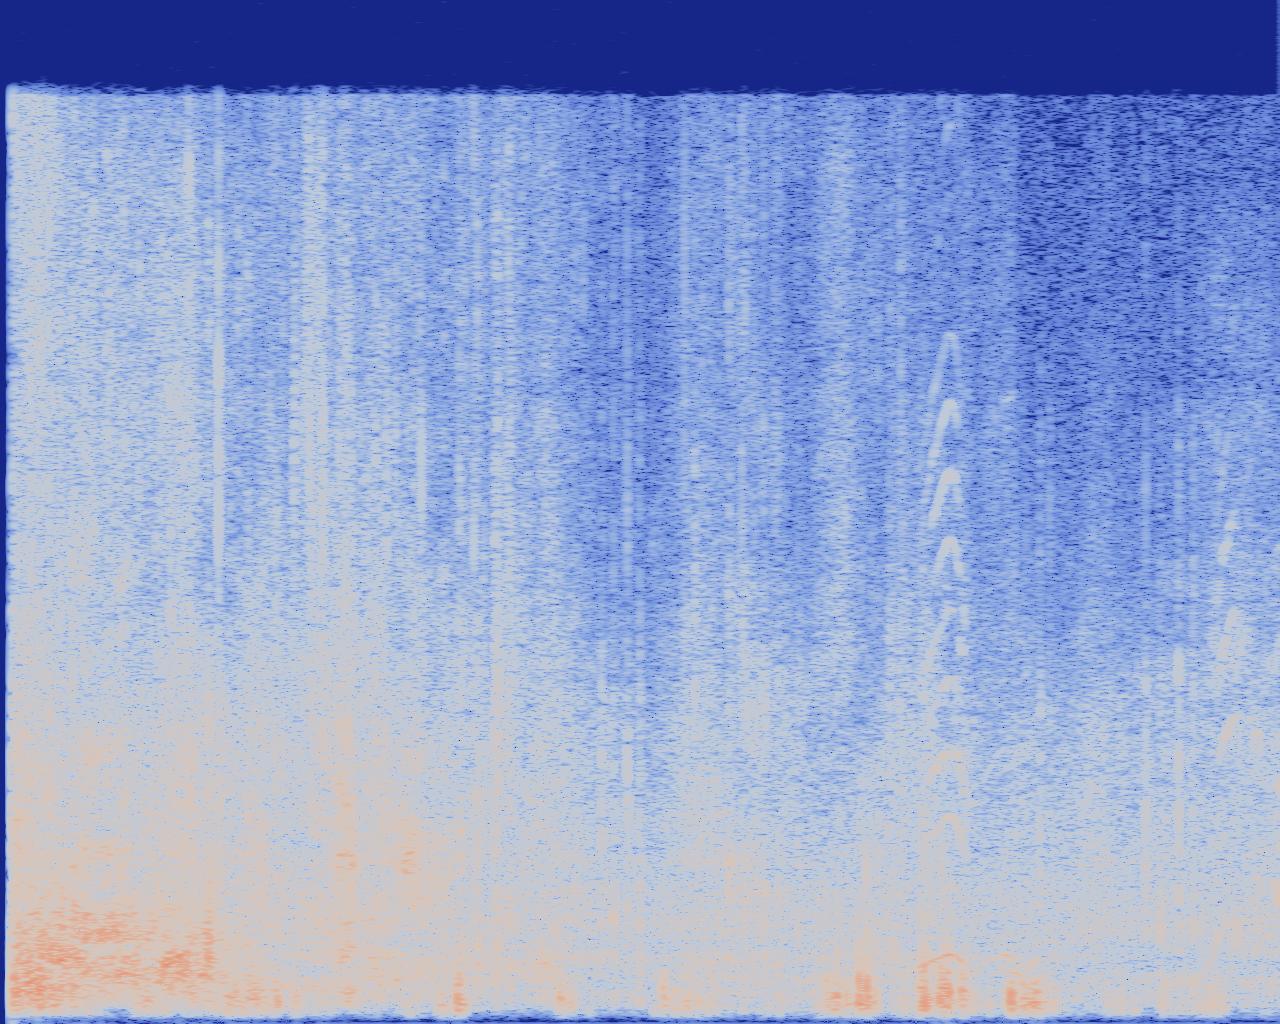 Visualising Sonic Skateboarding Sounds